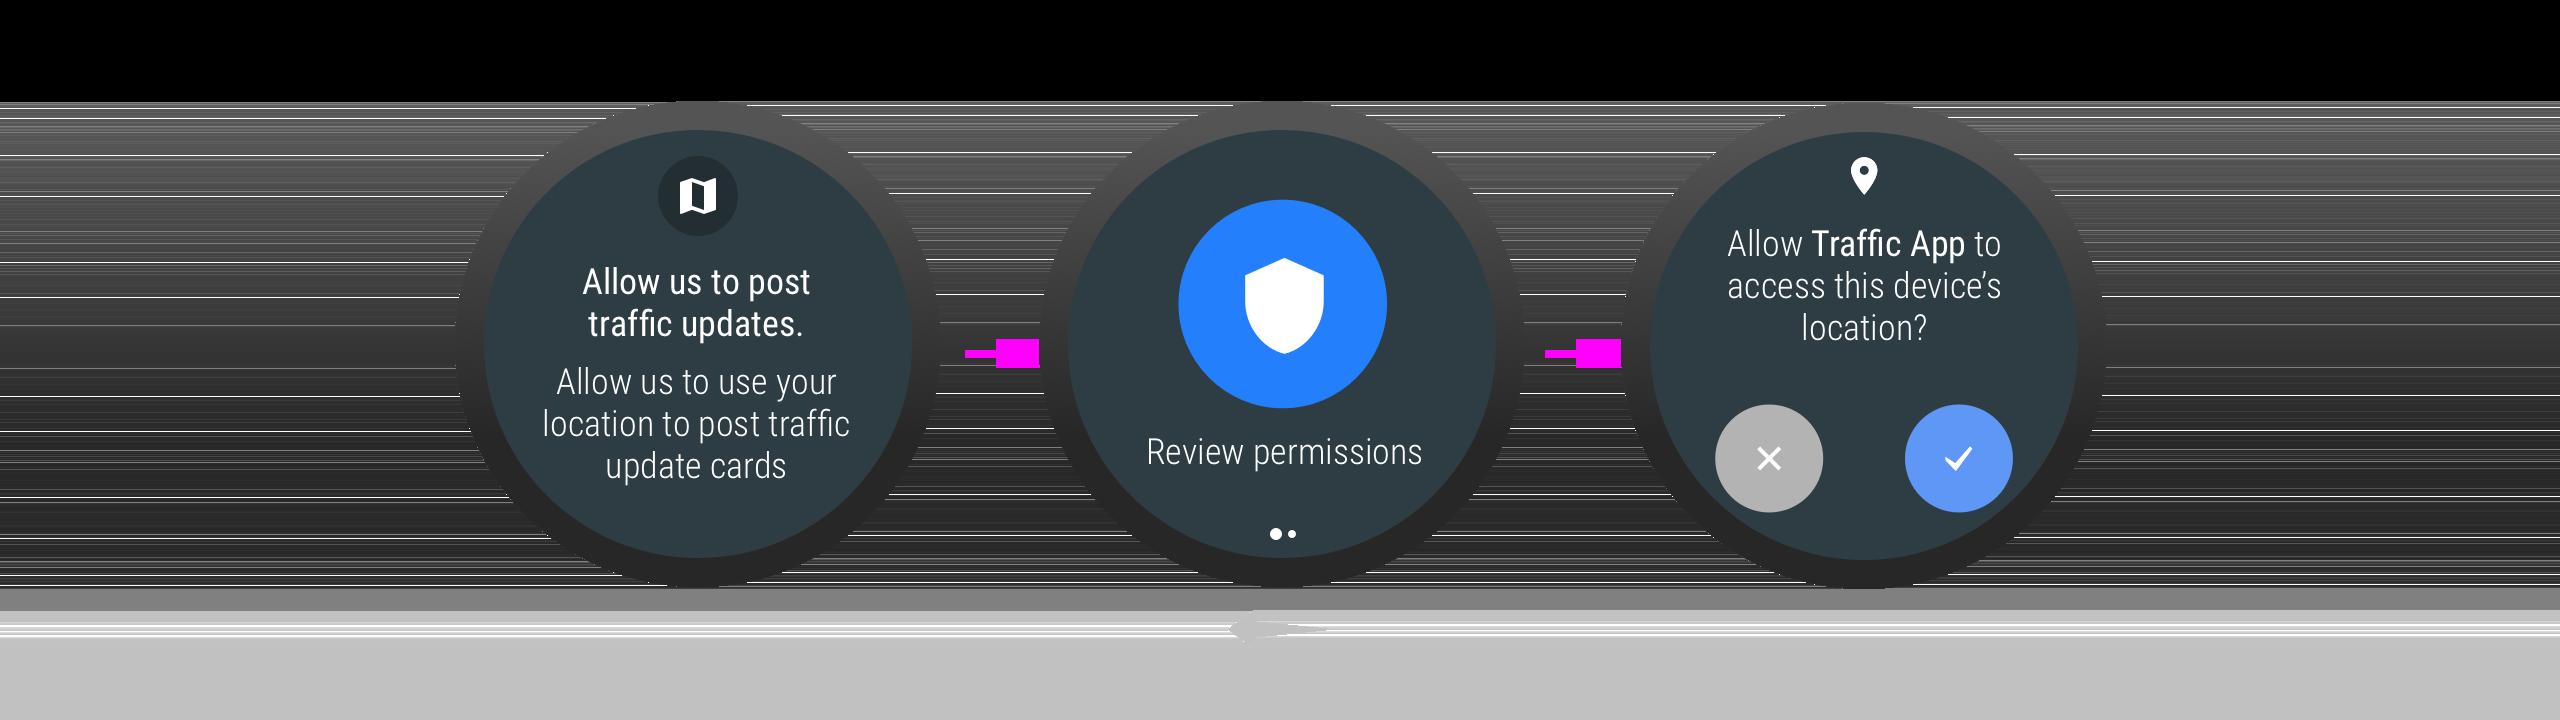 서비스를 통해 간접적으로 앱과 상호작용하는 경우 사용자가 권한을 부여해야 할 수도 있습니다.